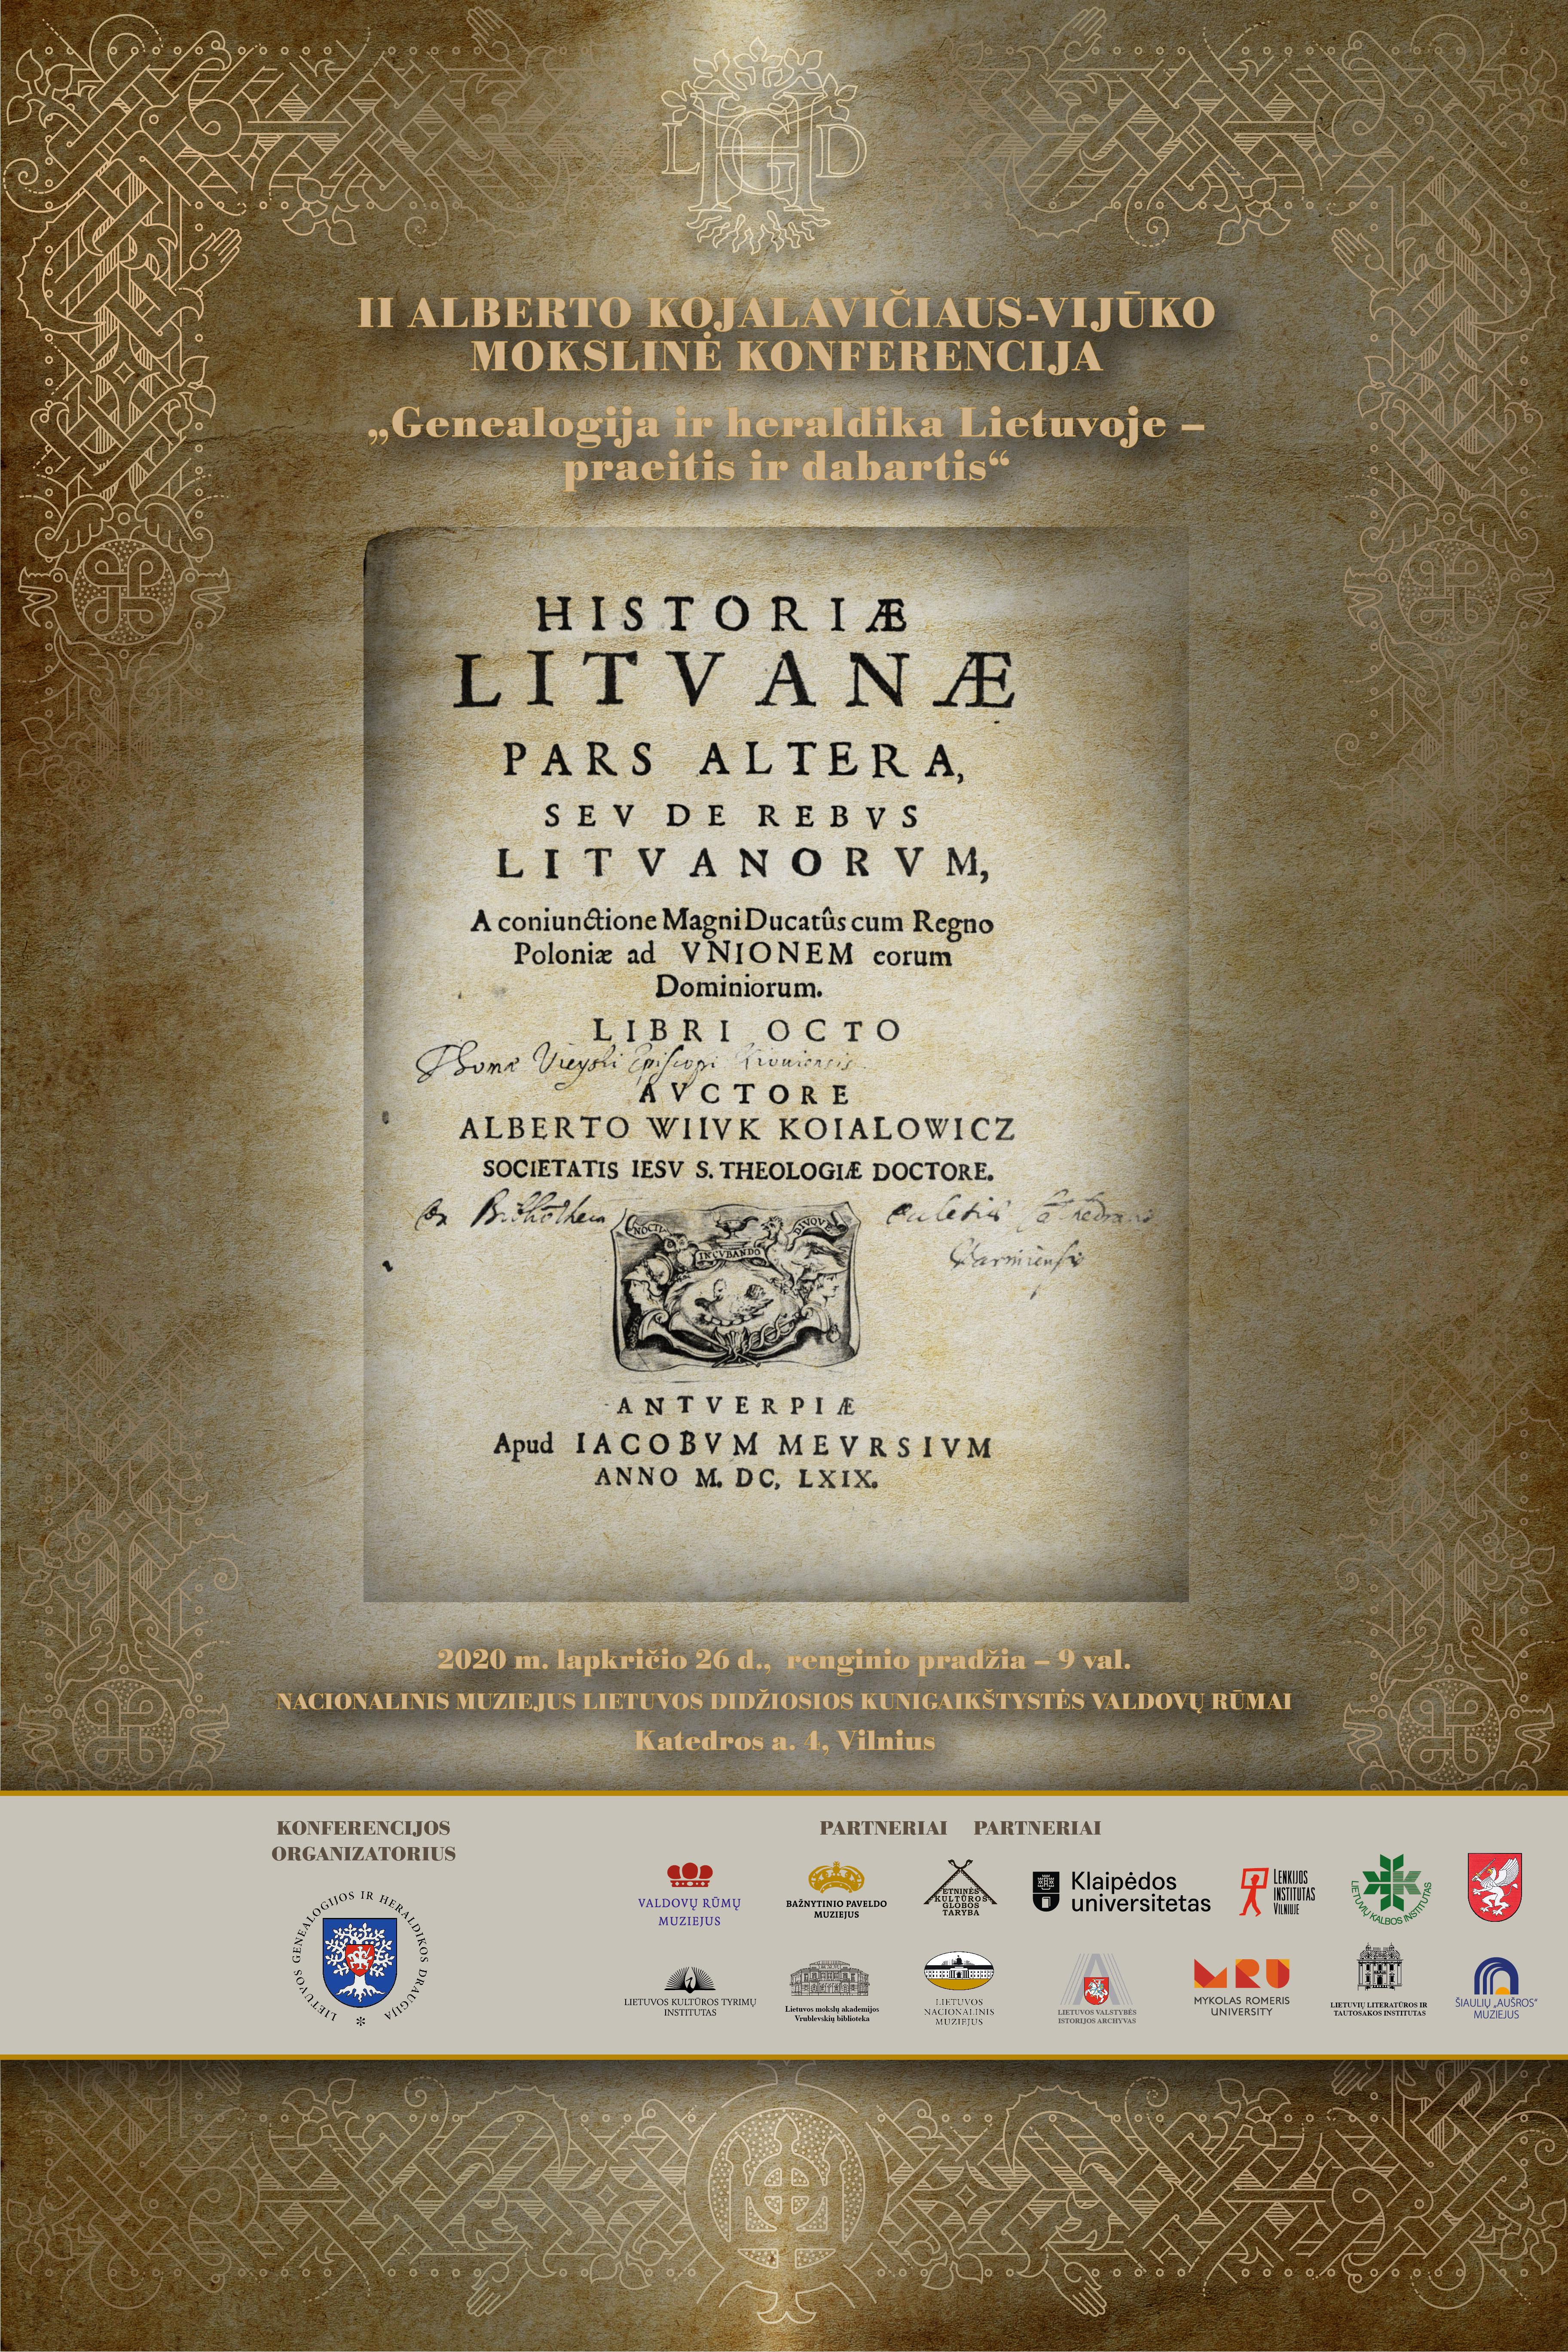 A. Kojalavičiaus-Vijūko konferencija | Lietuvos genealogijos ir heraldikos draugijos nuotr.